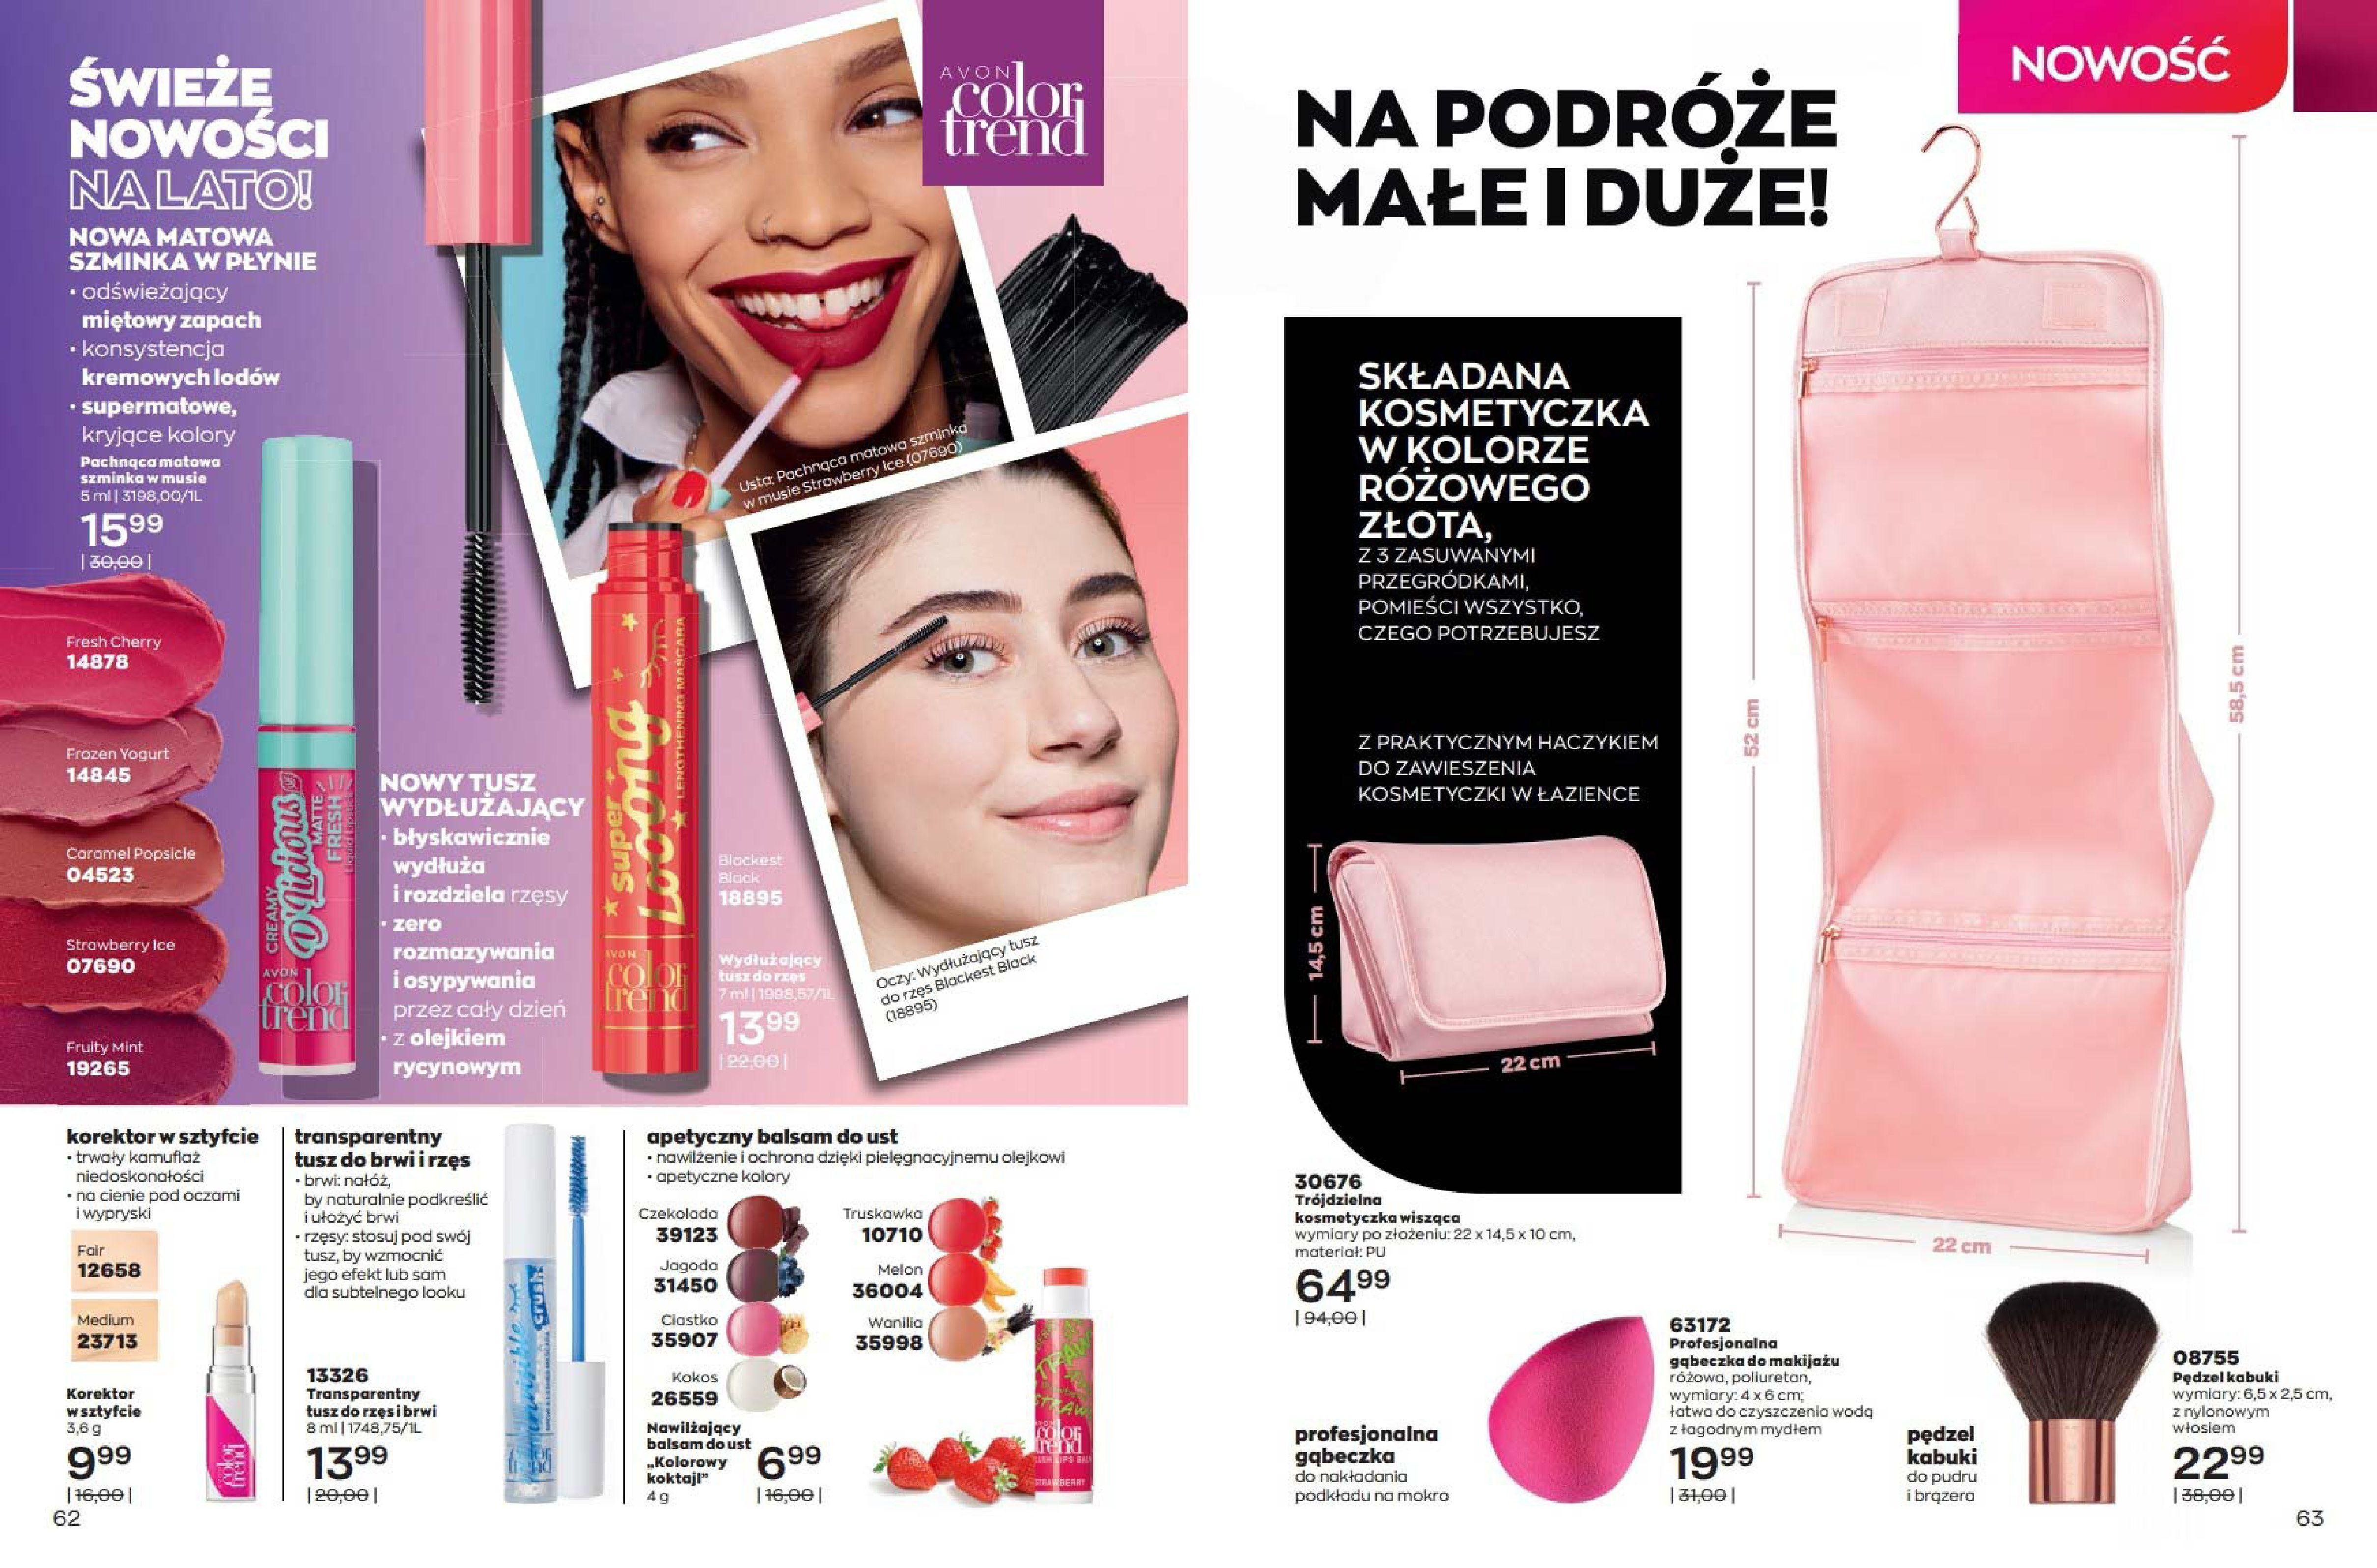 Gazetka Avon: Katalog Avon - Lipiec 2021 2021-07-01 page-32